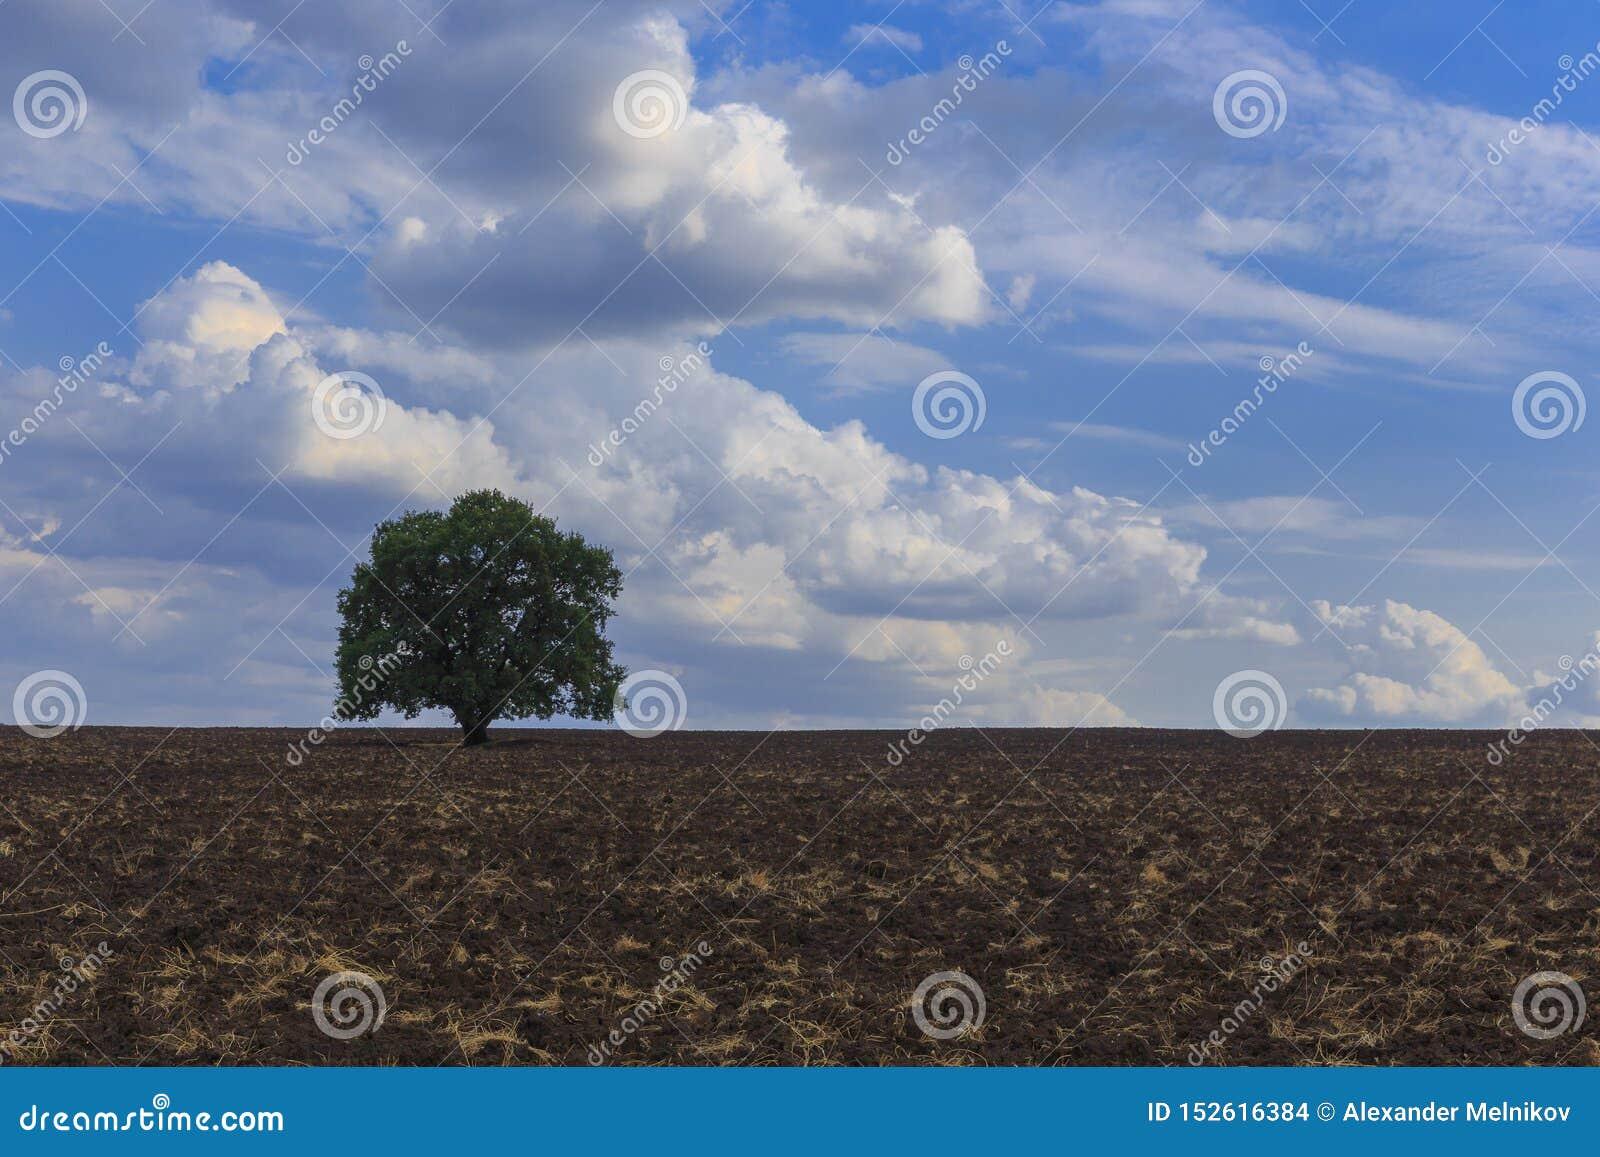 Einsame Baumstellung auf einem gepflogenen Feld auf dem Hintergrund von schönen Wolken